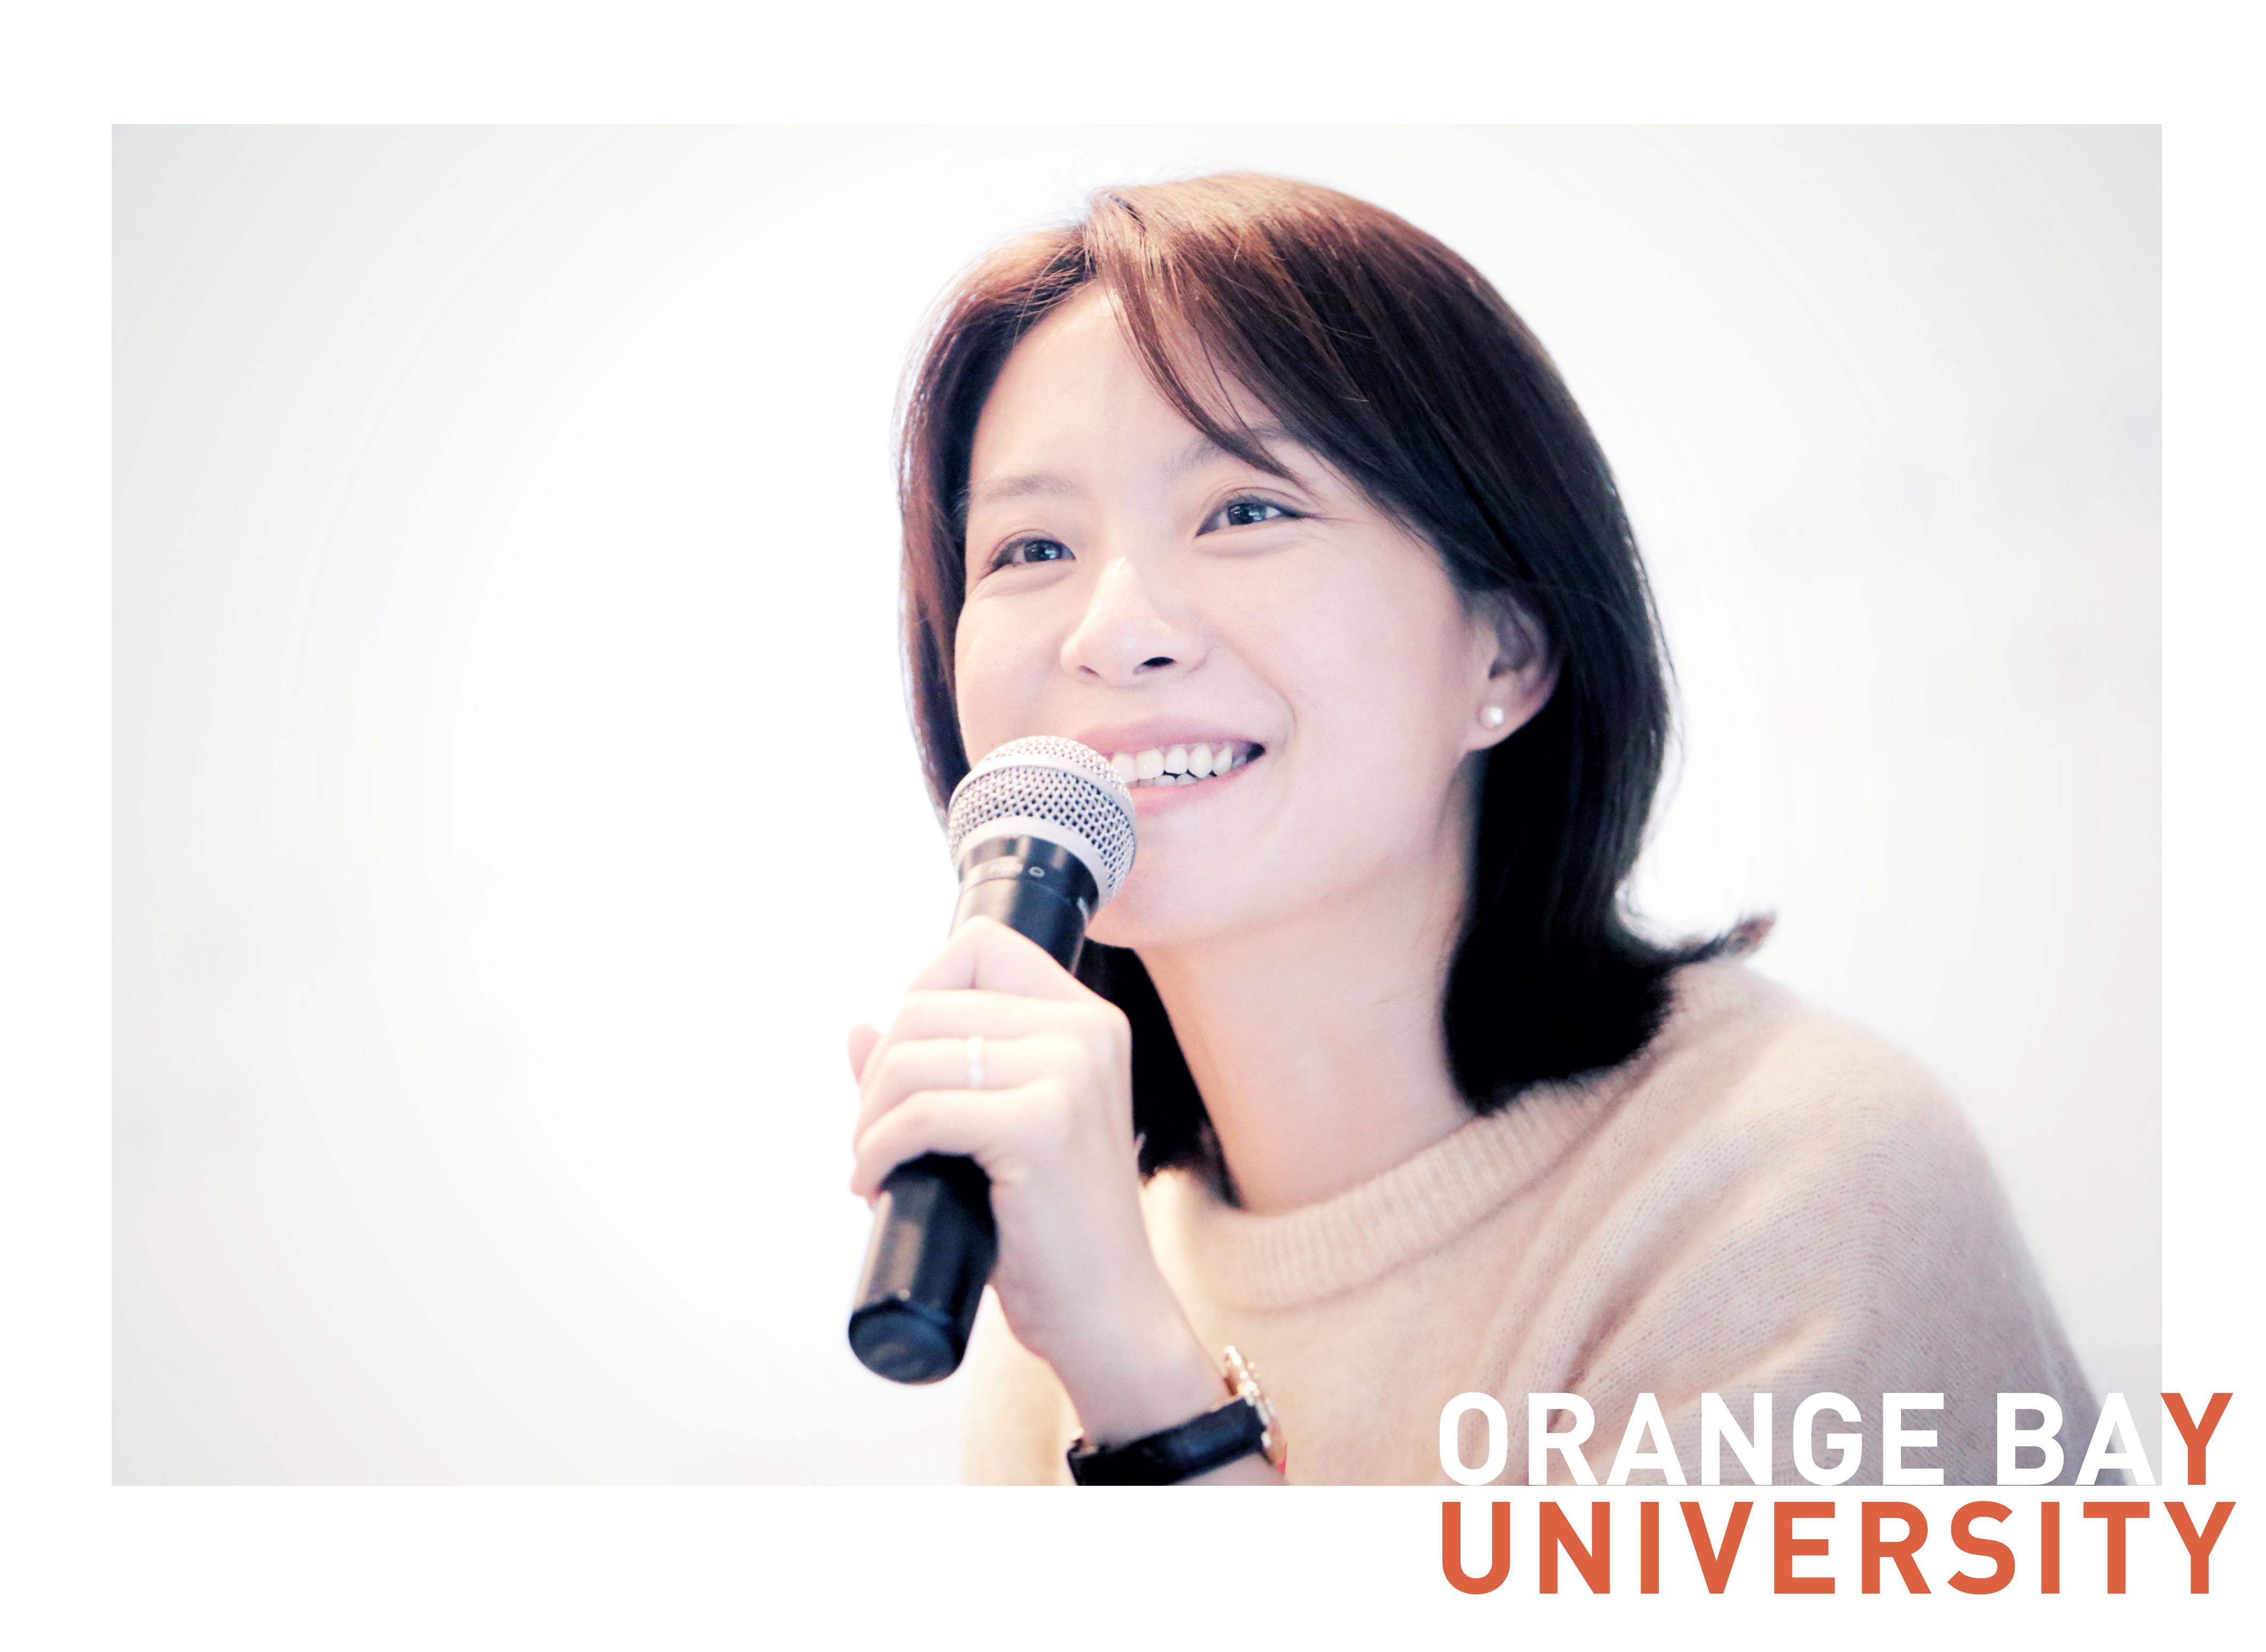 【橙湾课堂】NEIWAI内外创始人刘小璐:创业之初就要像个大品牌,未来才可能长成真正的大品牌!